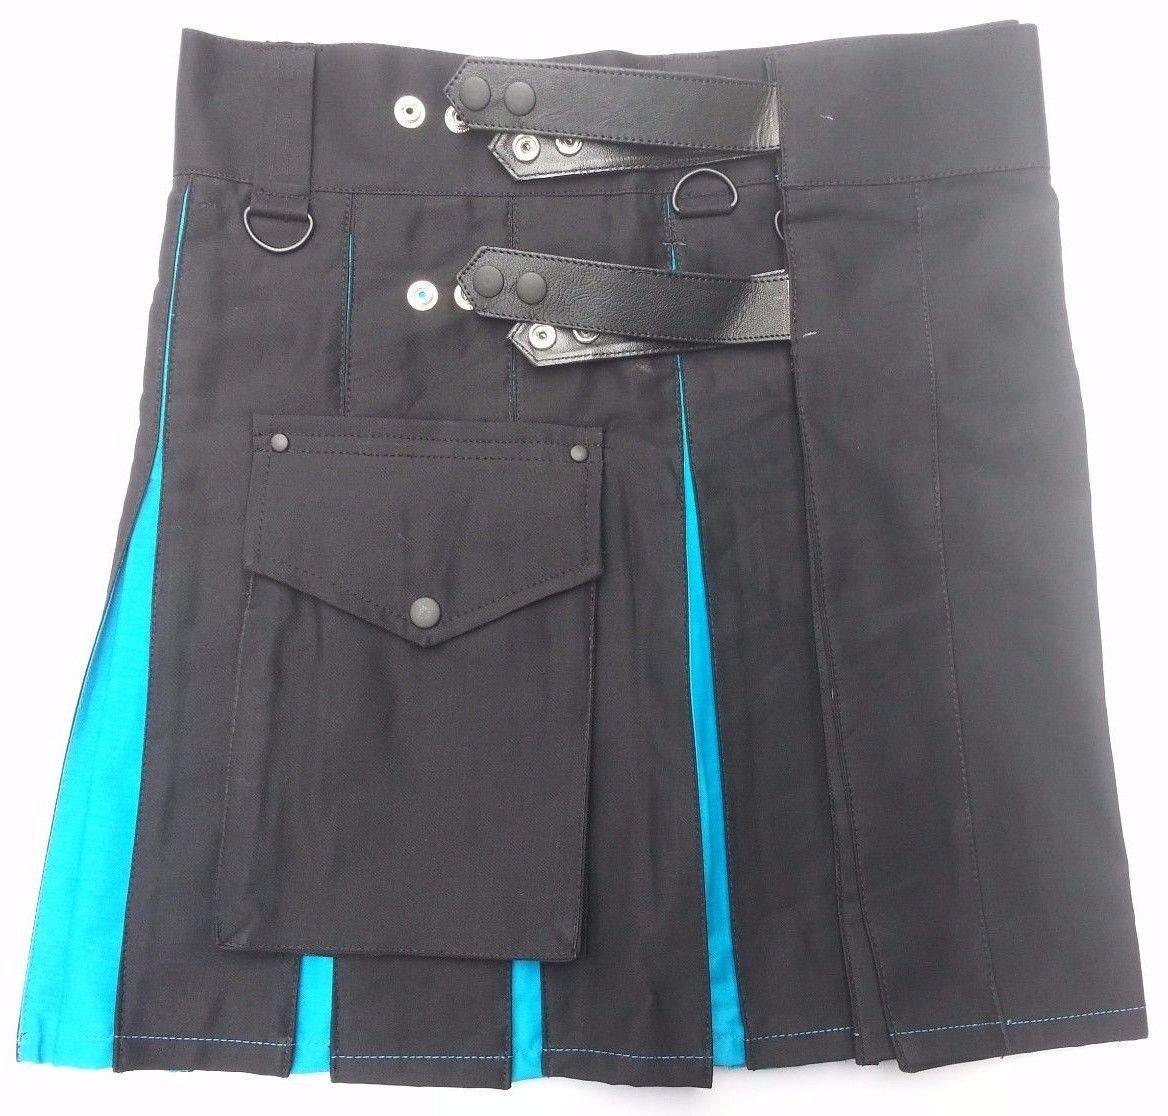 """34"""" Ladies TDK Black & Blue Cotton Hybrid Kilt, Leather Straps Tactical Duty Kilt Black/Blue Cotton"""